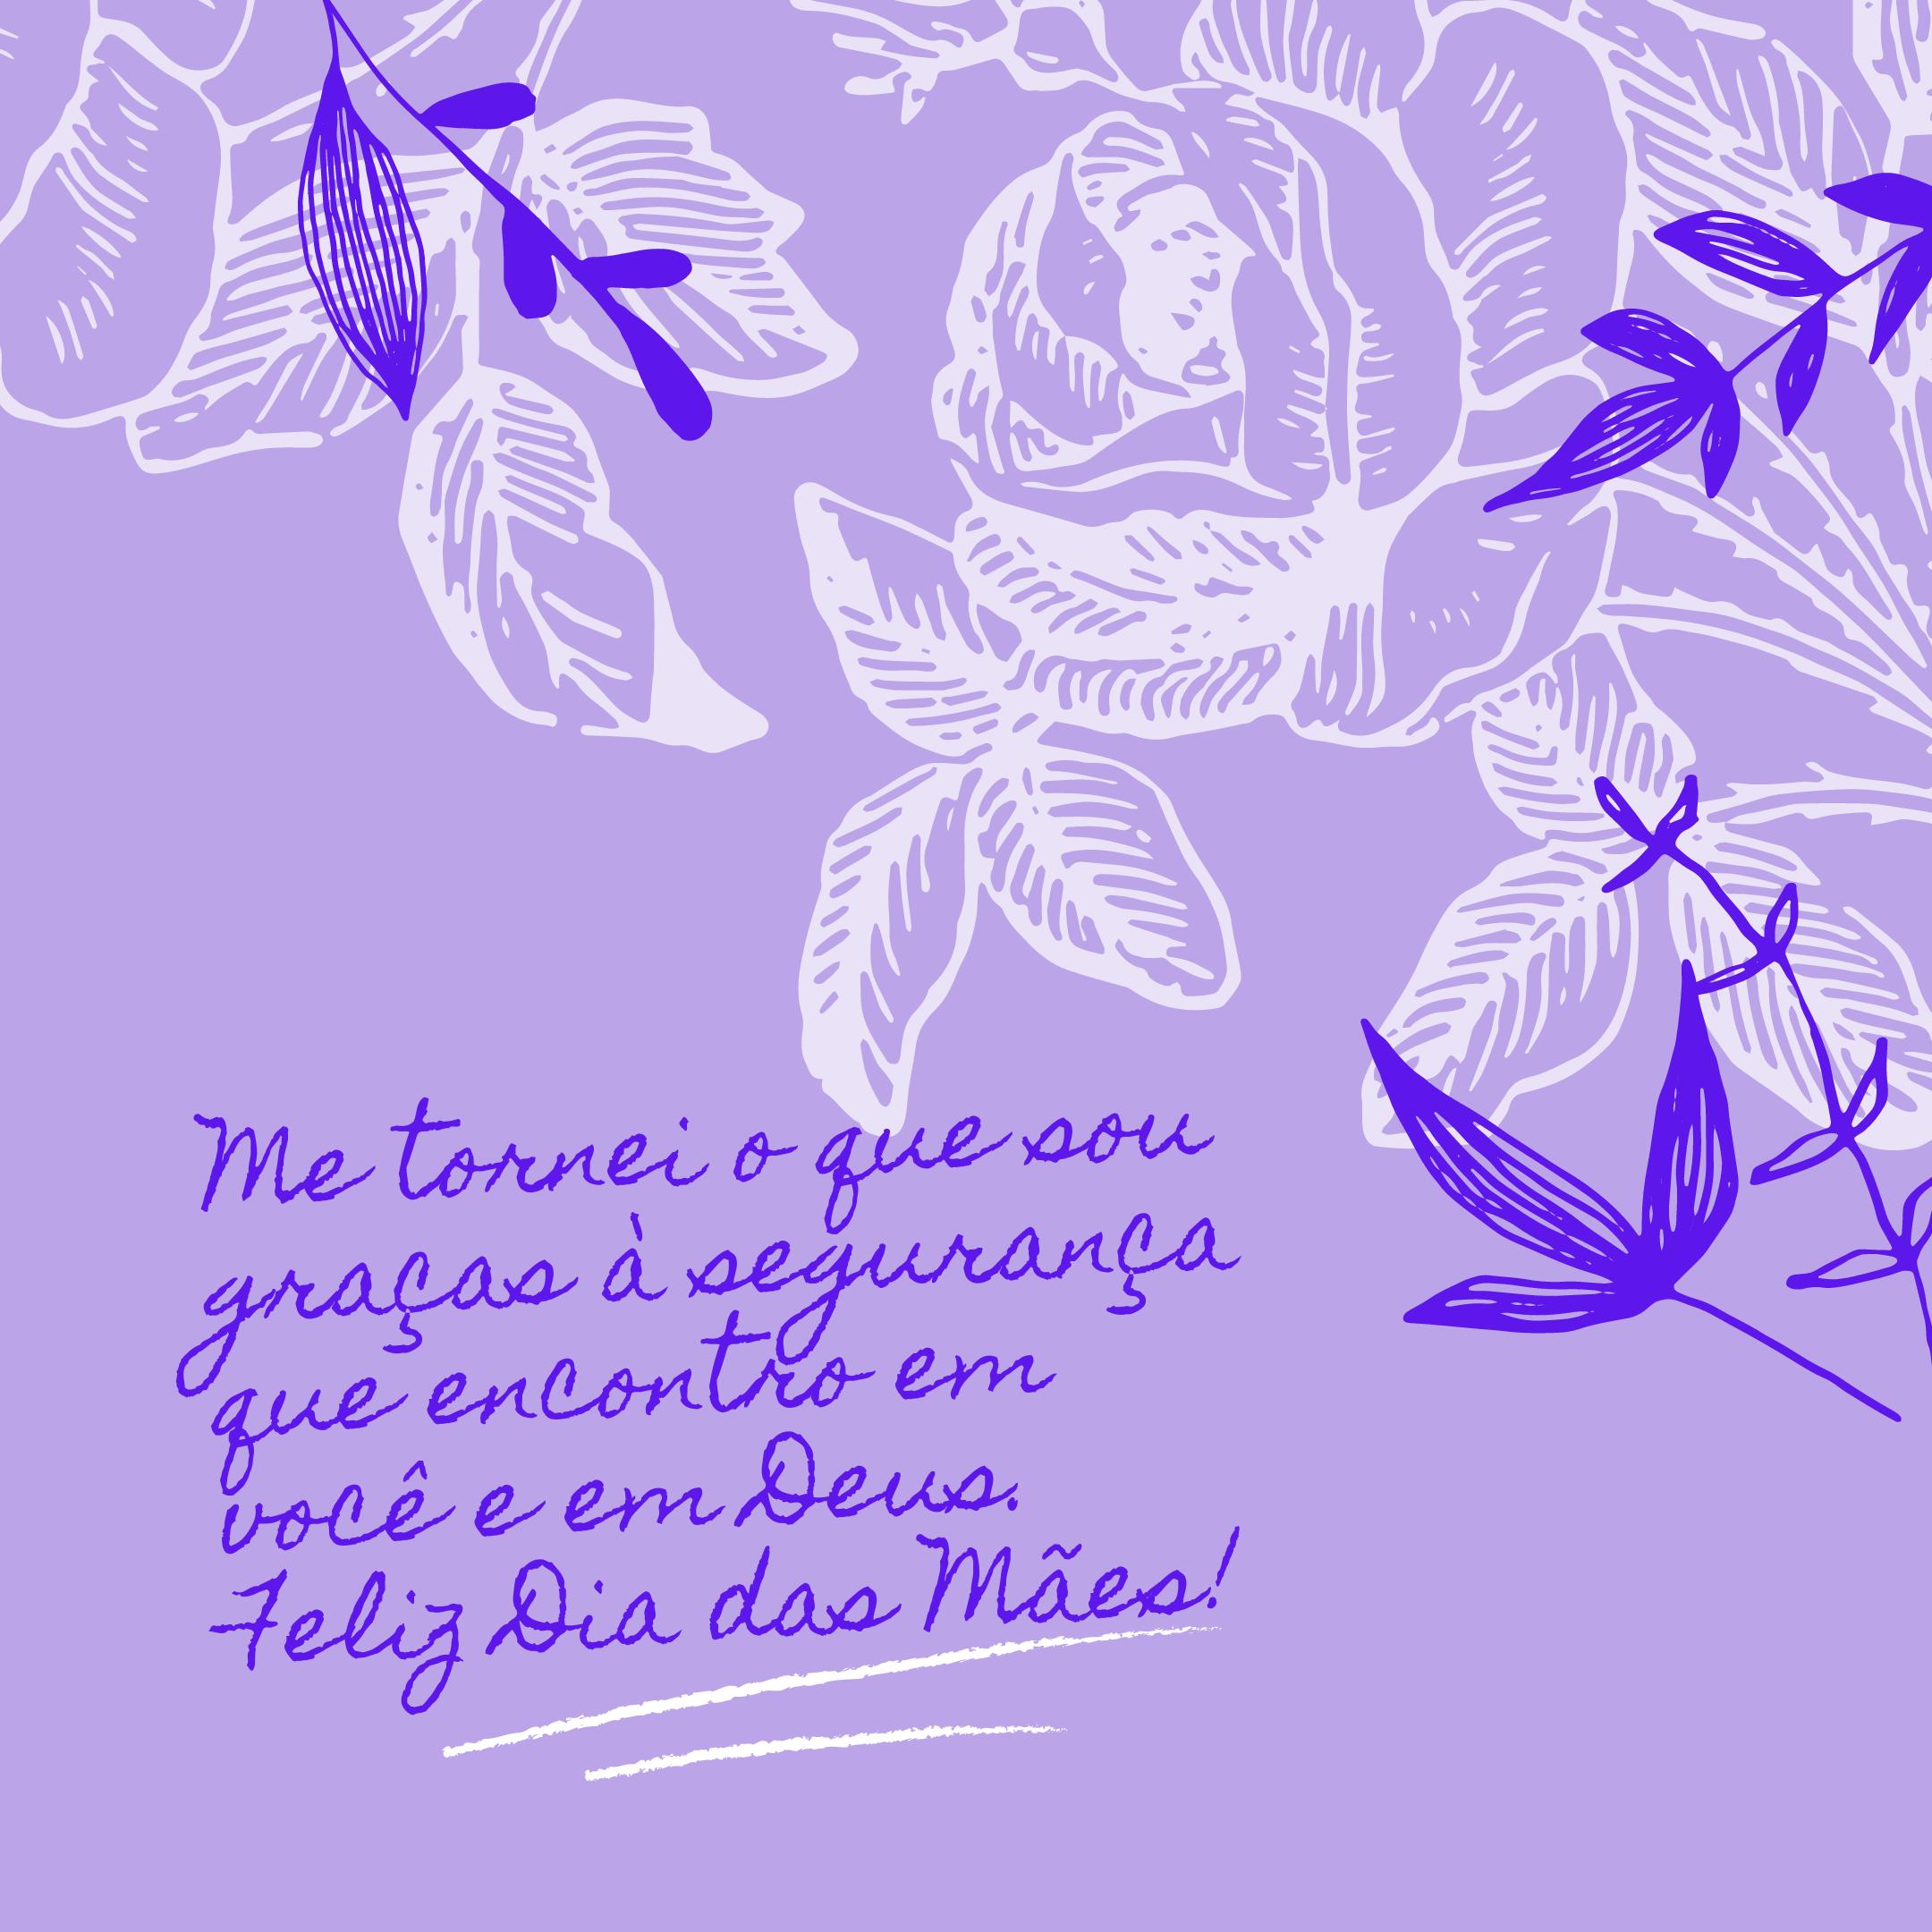 Me tornei o que sou graças à segurança que encontro em você e em Deus. Feliz Dia das Mães!